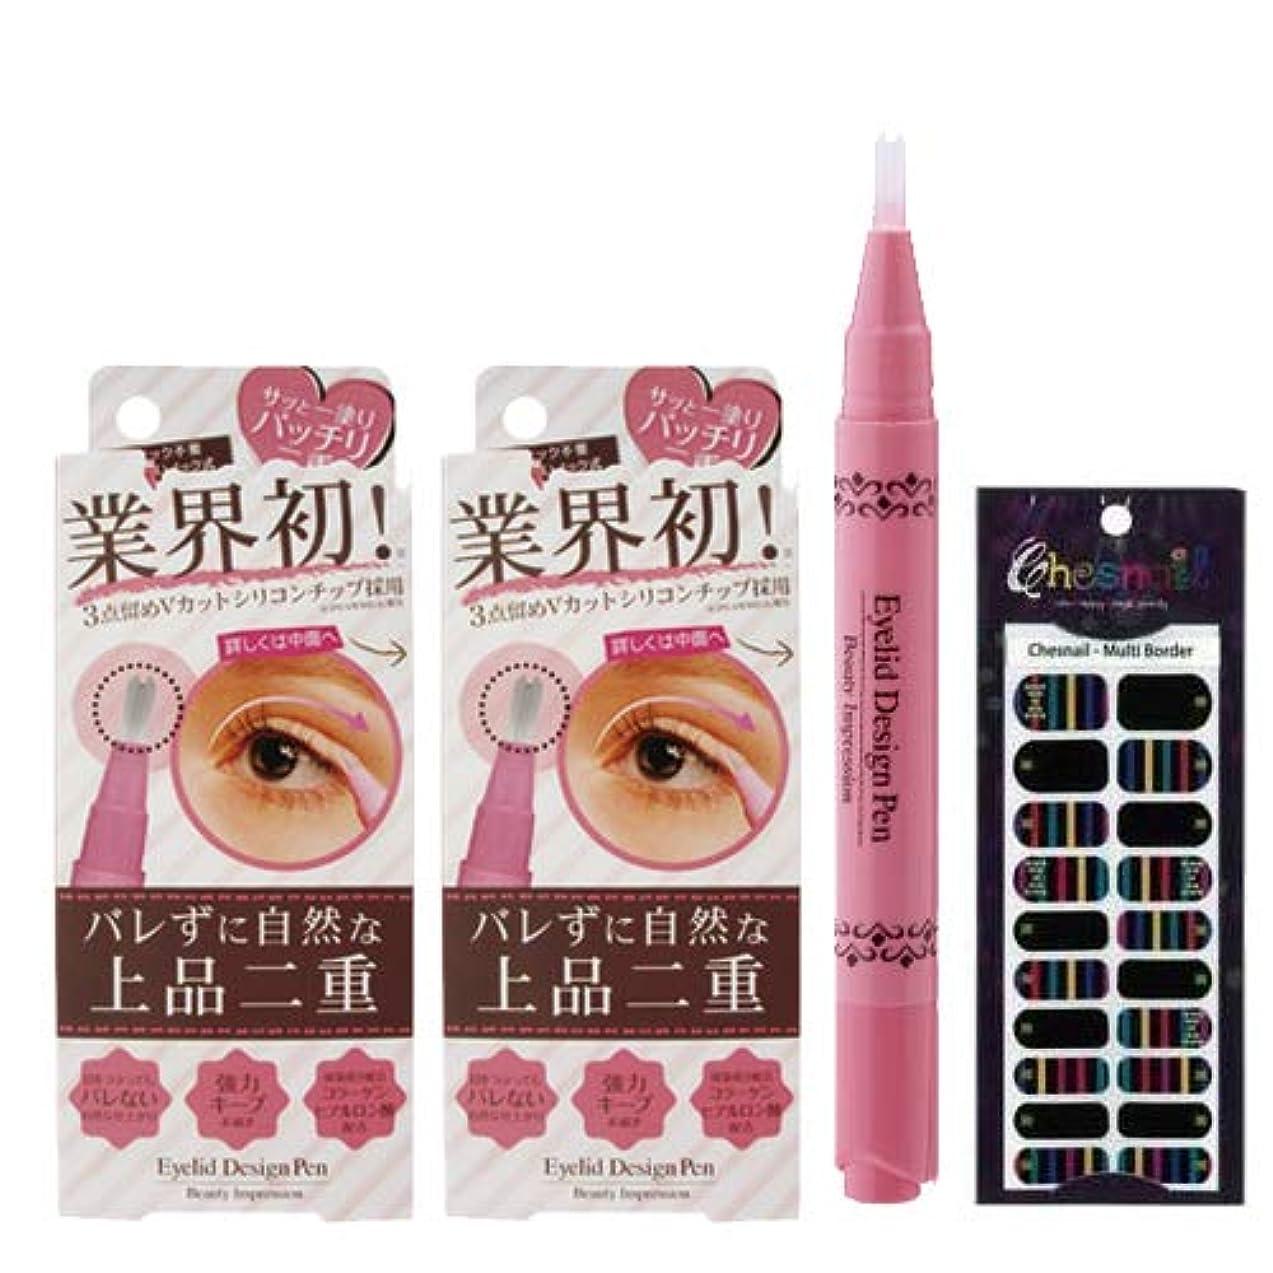 国民形成素人Beauty Impression アイリッドデザインペン 2ml (二重まぶた形成化粧品) ×2個 + チェスネイル(マルチボーダー)セット